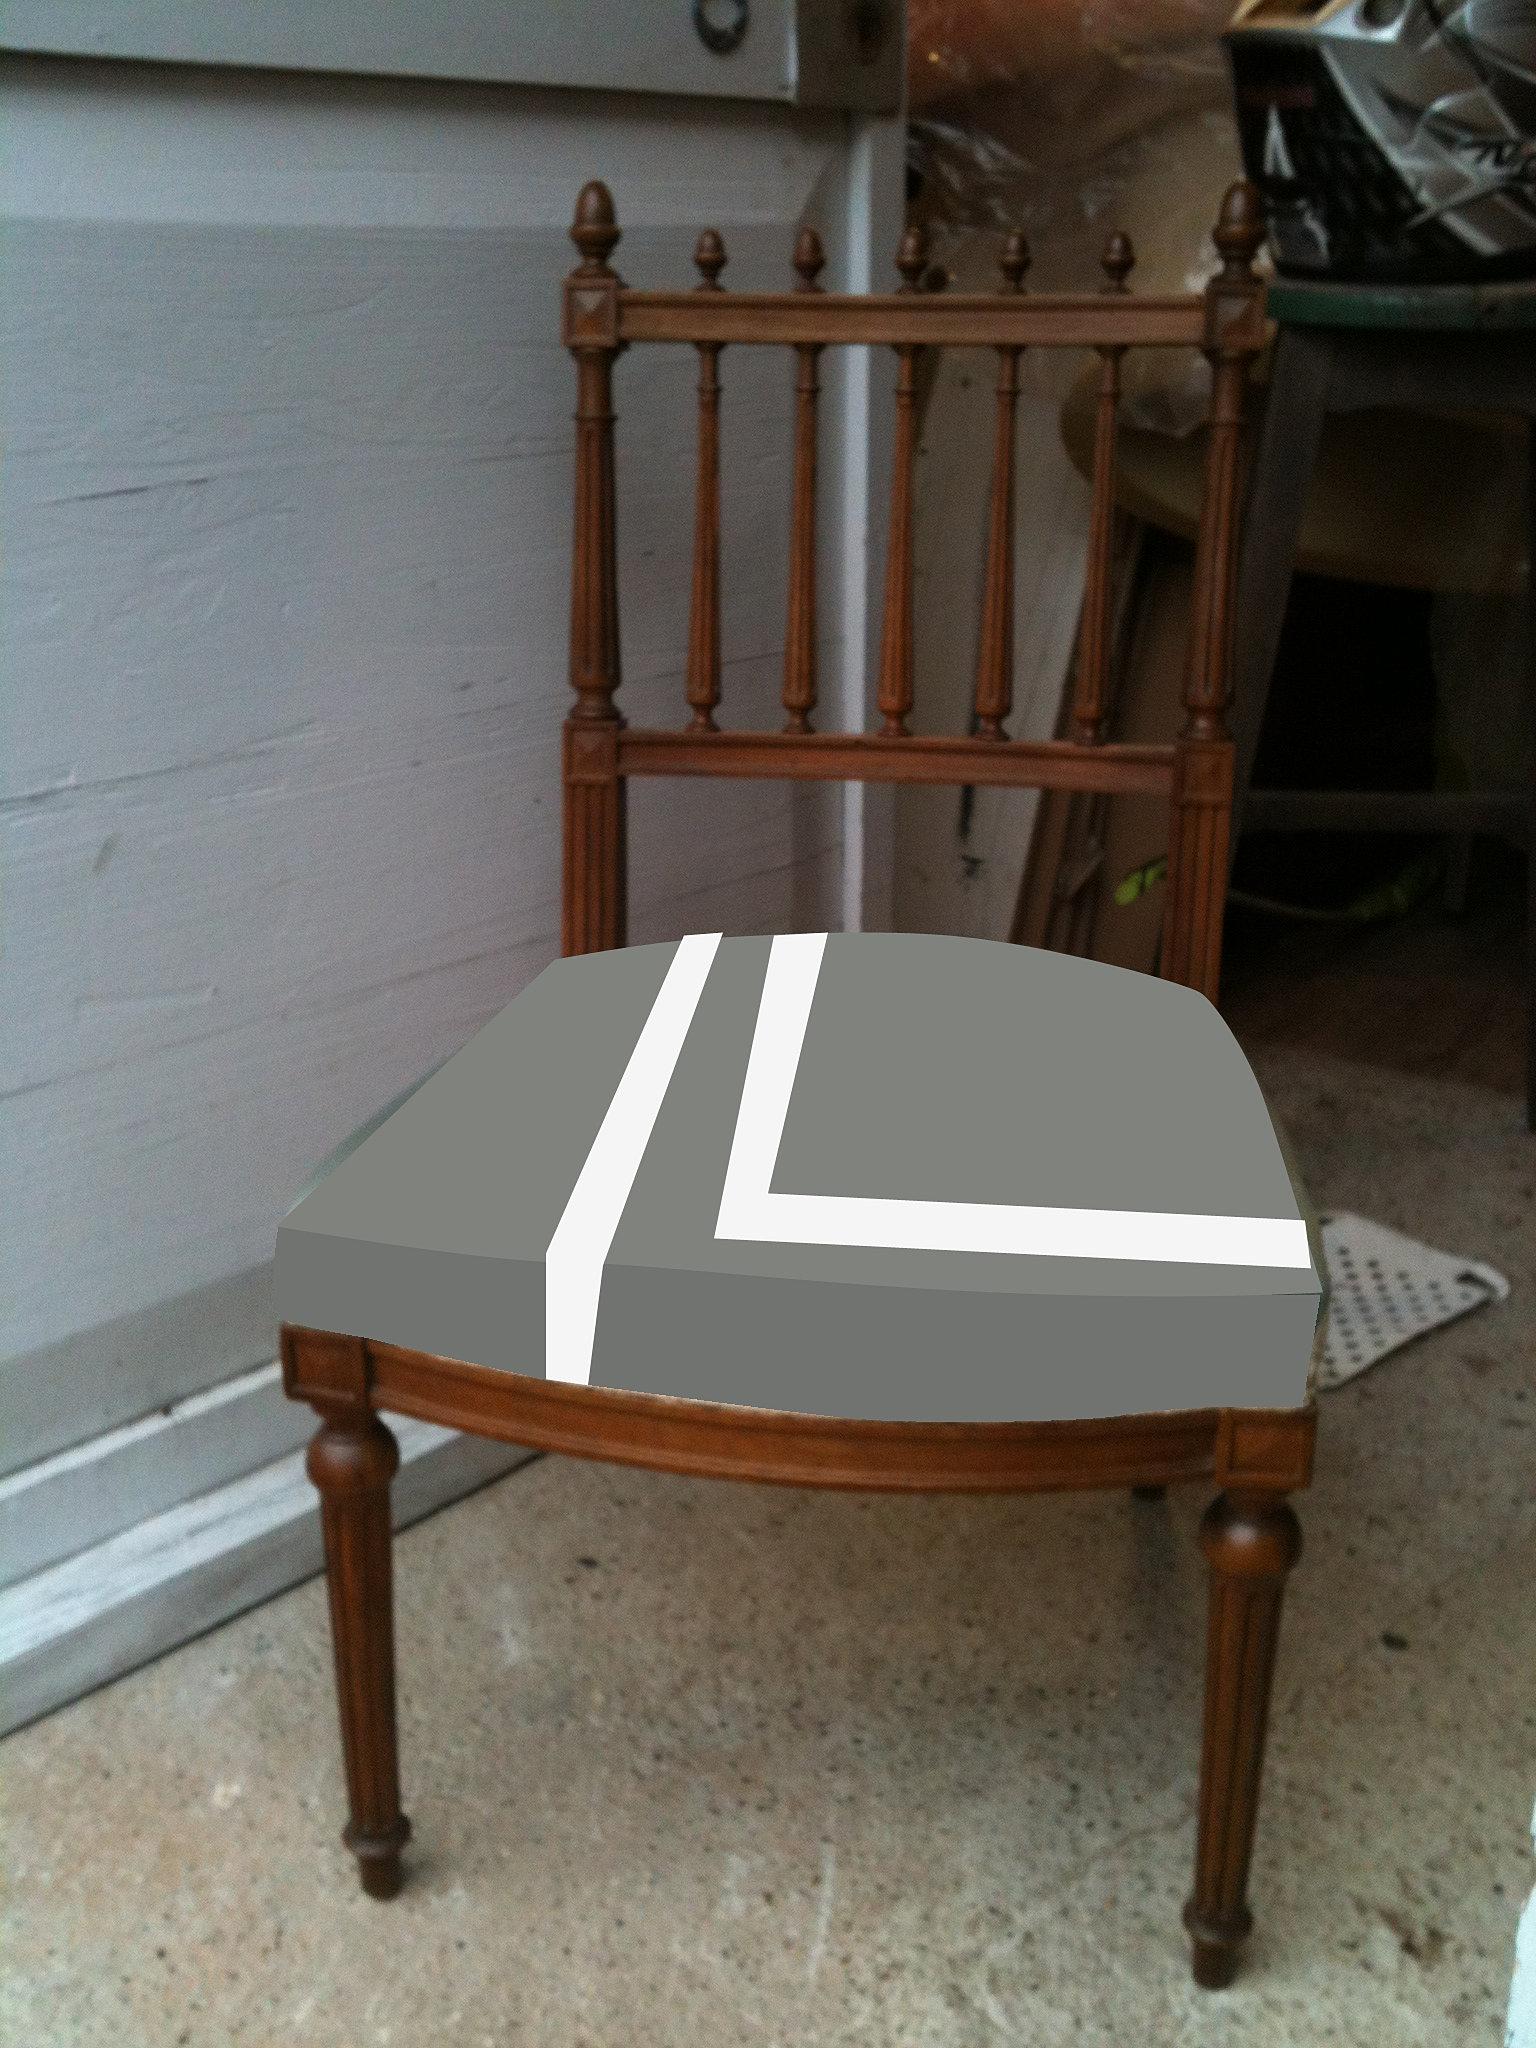 cecile mairet fauteuil contemporain espace contemporain chaise louis xvi. Black Bedroom Furniture Sets. Home Design Ideas